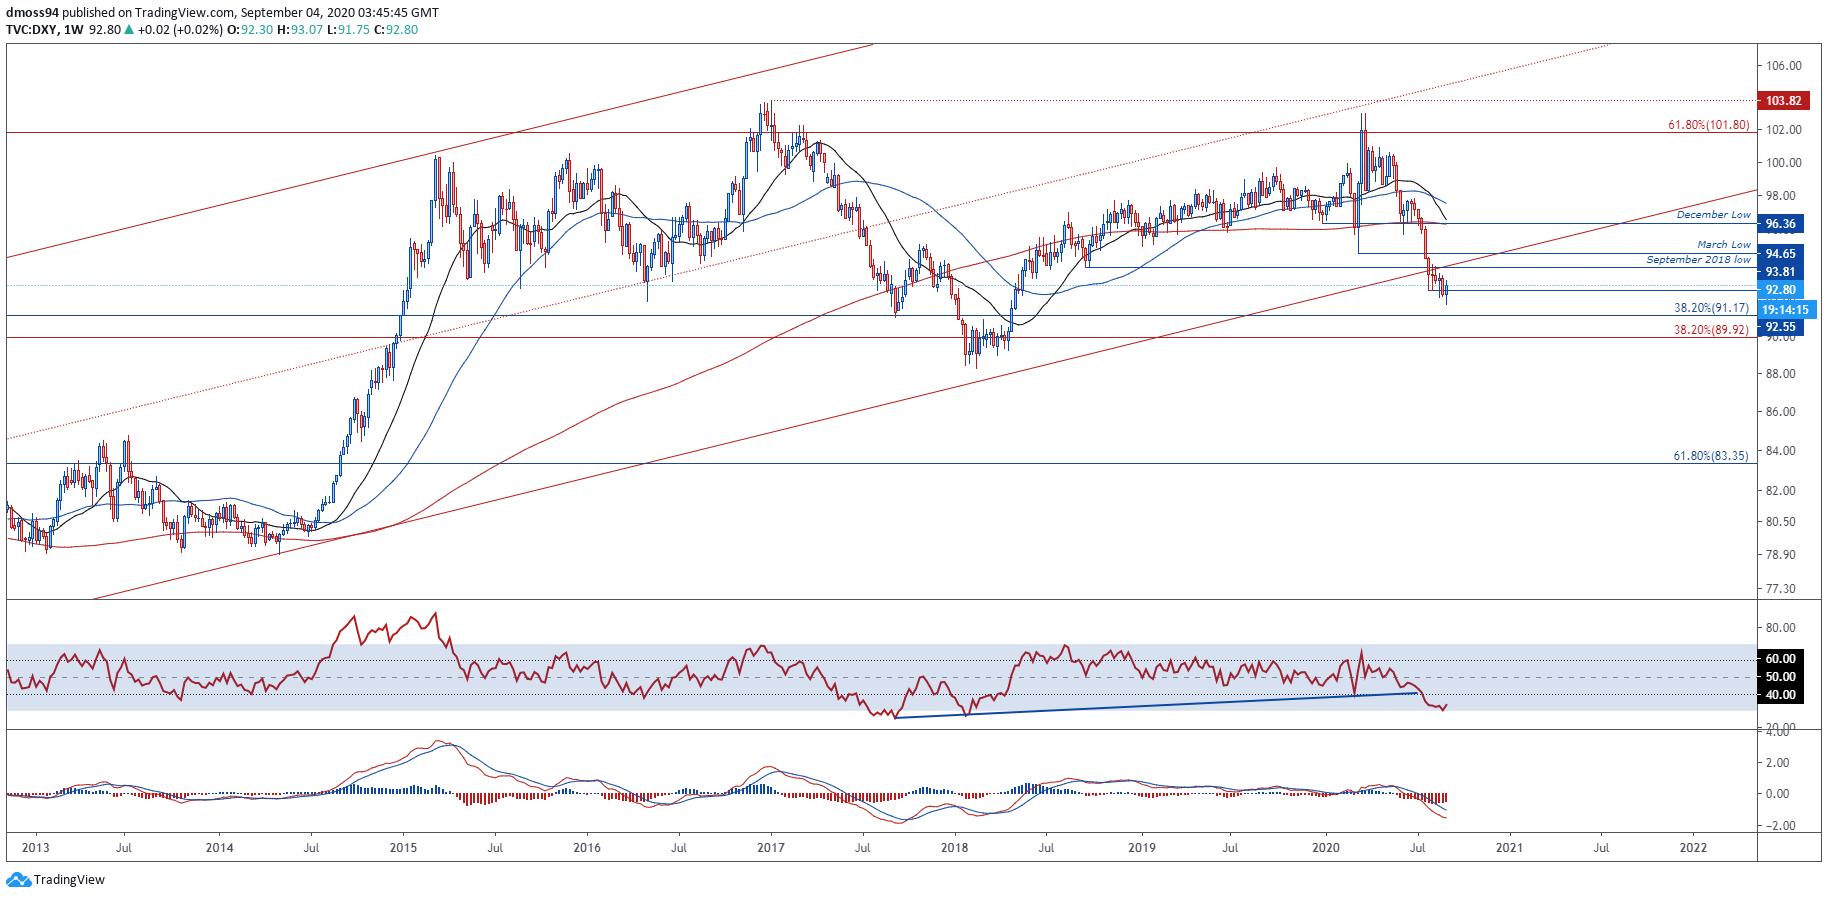 美元走势分析:美元指数至少还有30%的下跌空间!